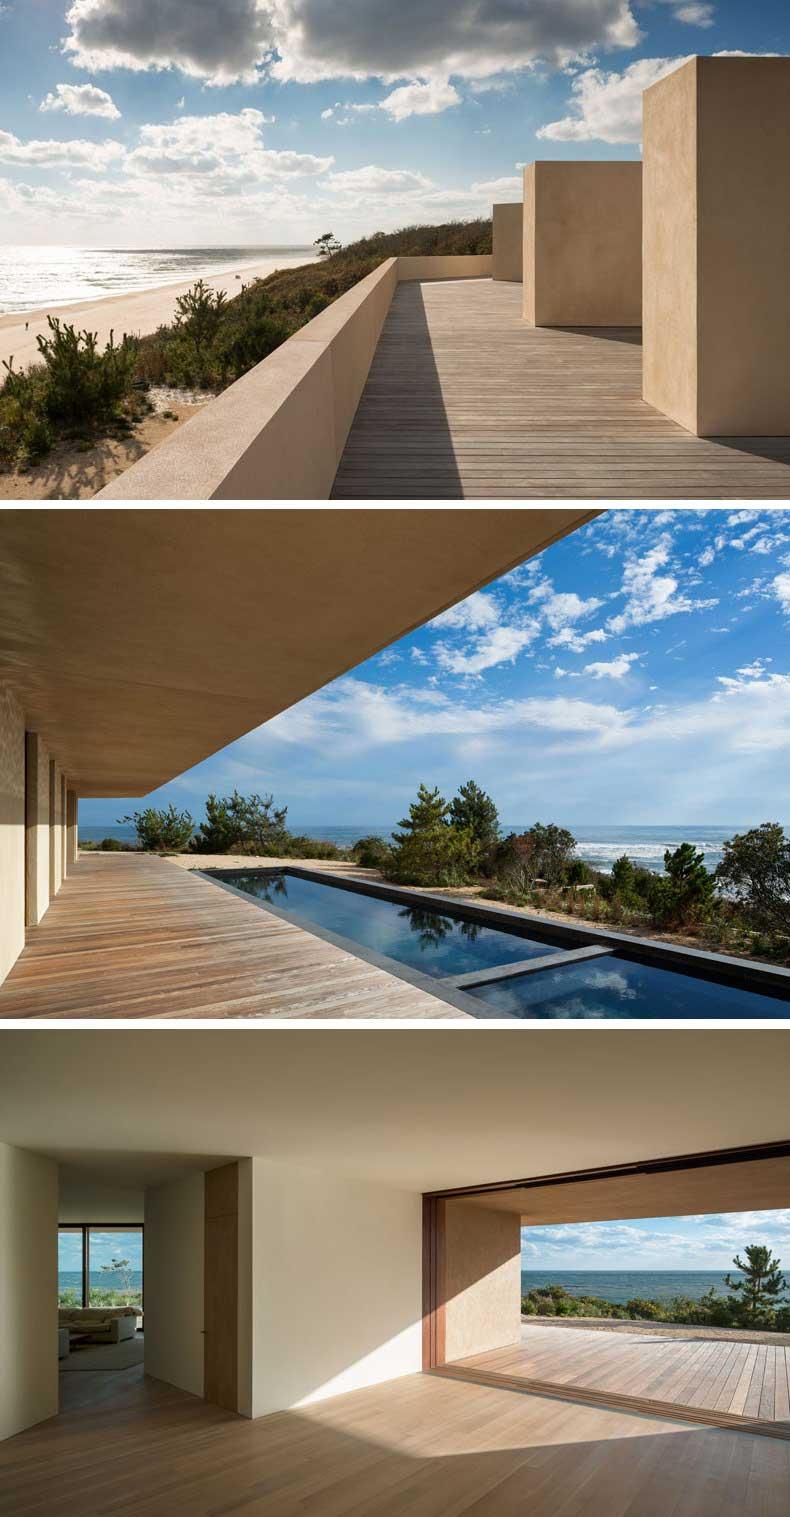 9 casas minimalistas con arquitectura y dise o de locos for Casas prefabricadas de diseno minimalista